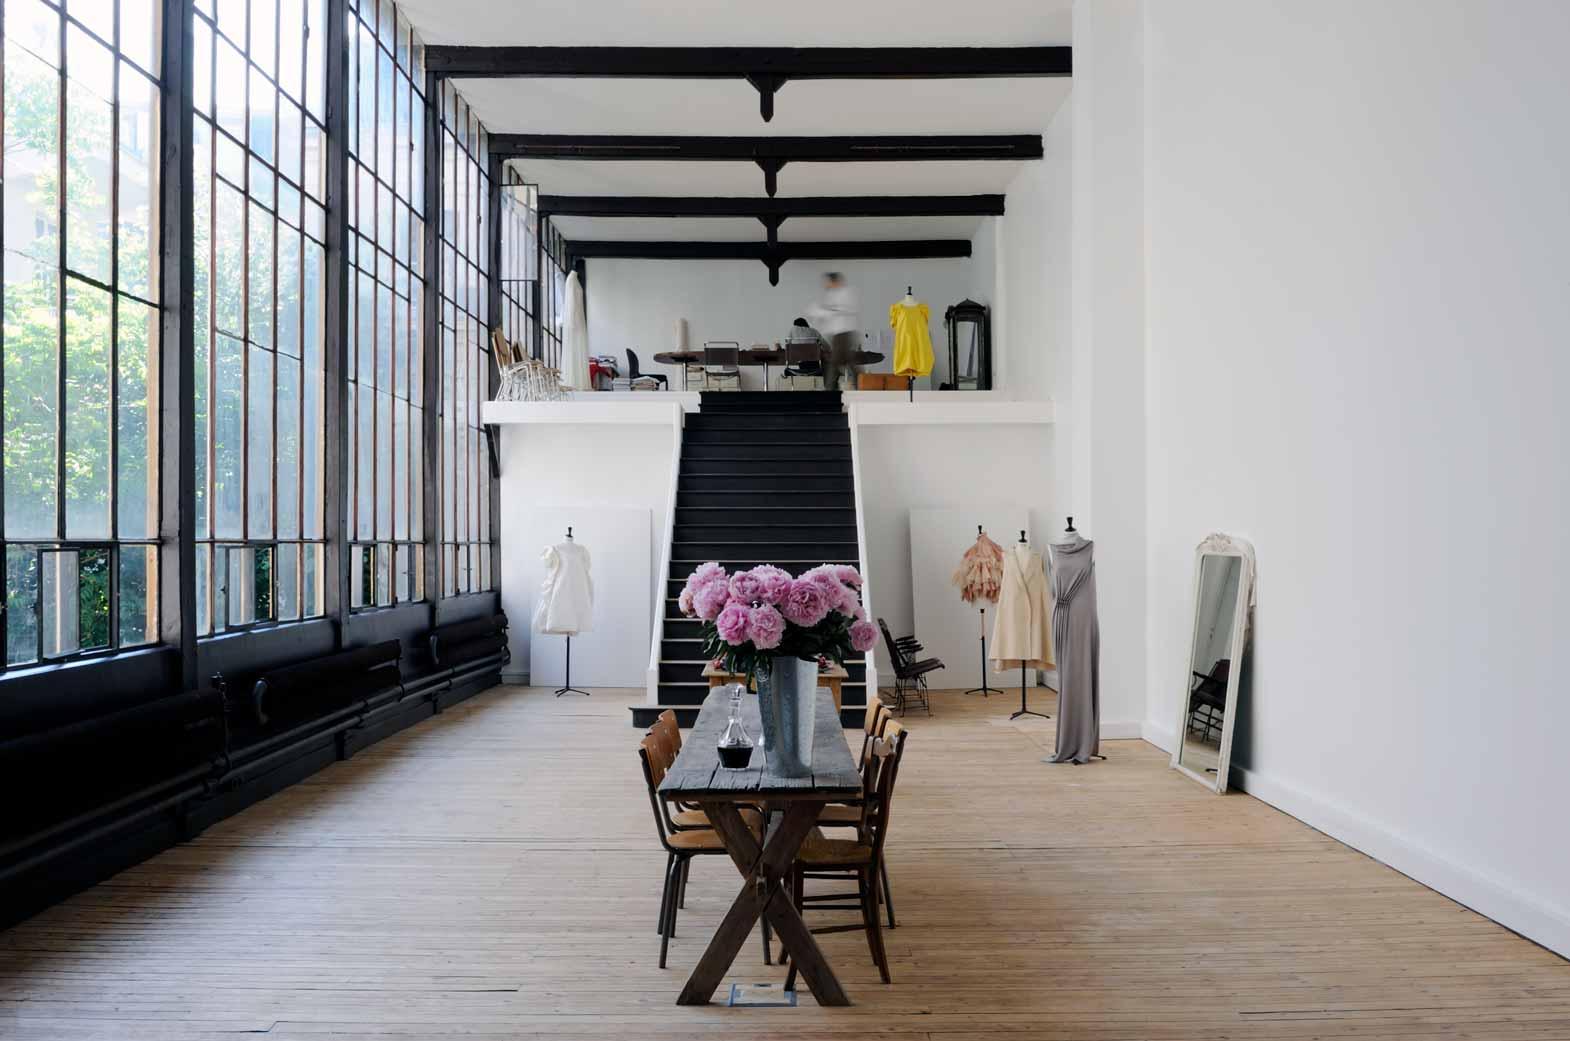 Renovation D Interieur Paris rénovation et architecture d'intérieur à paris - maison